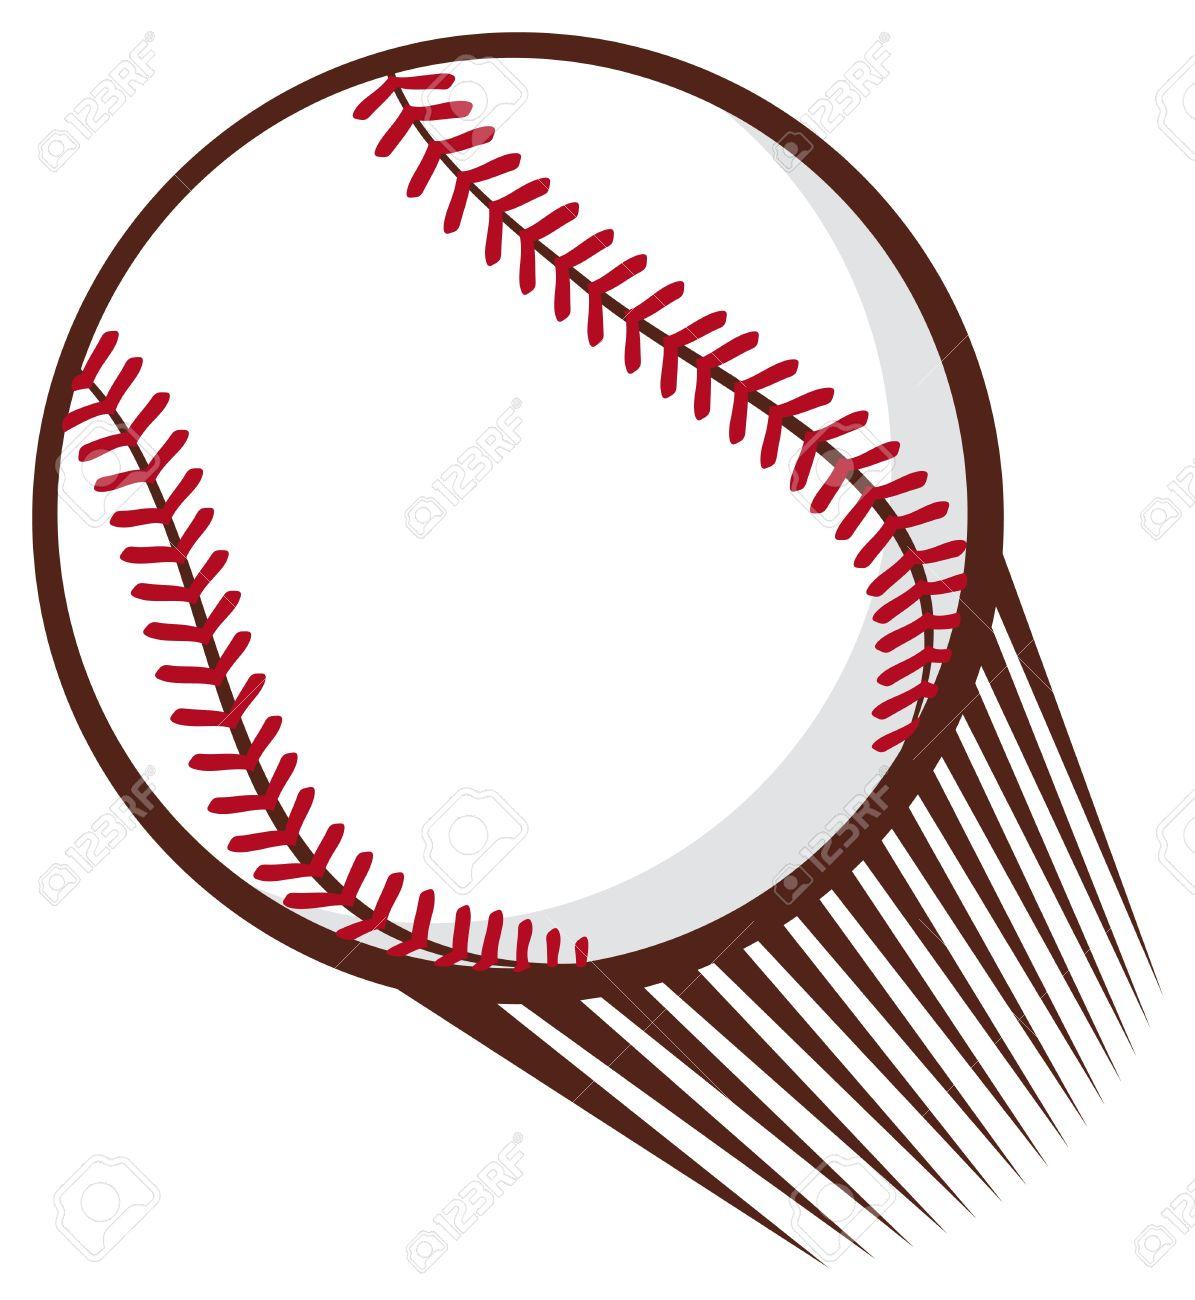 Resultado de imagen para pelota de baseball